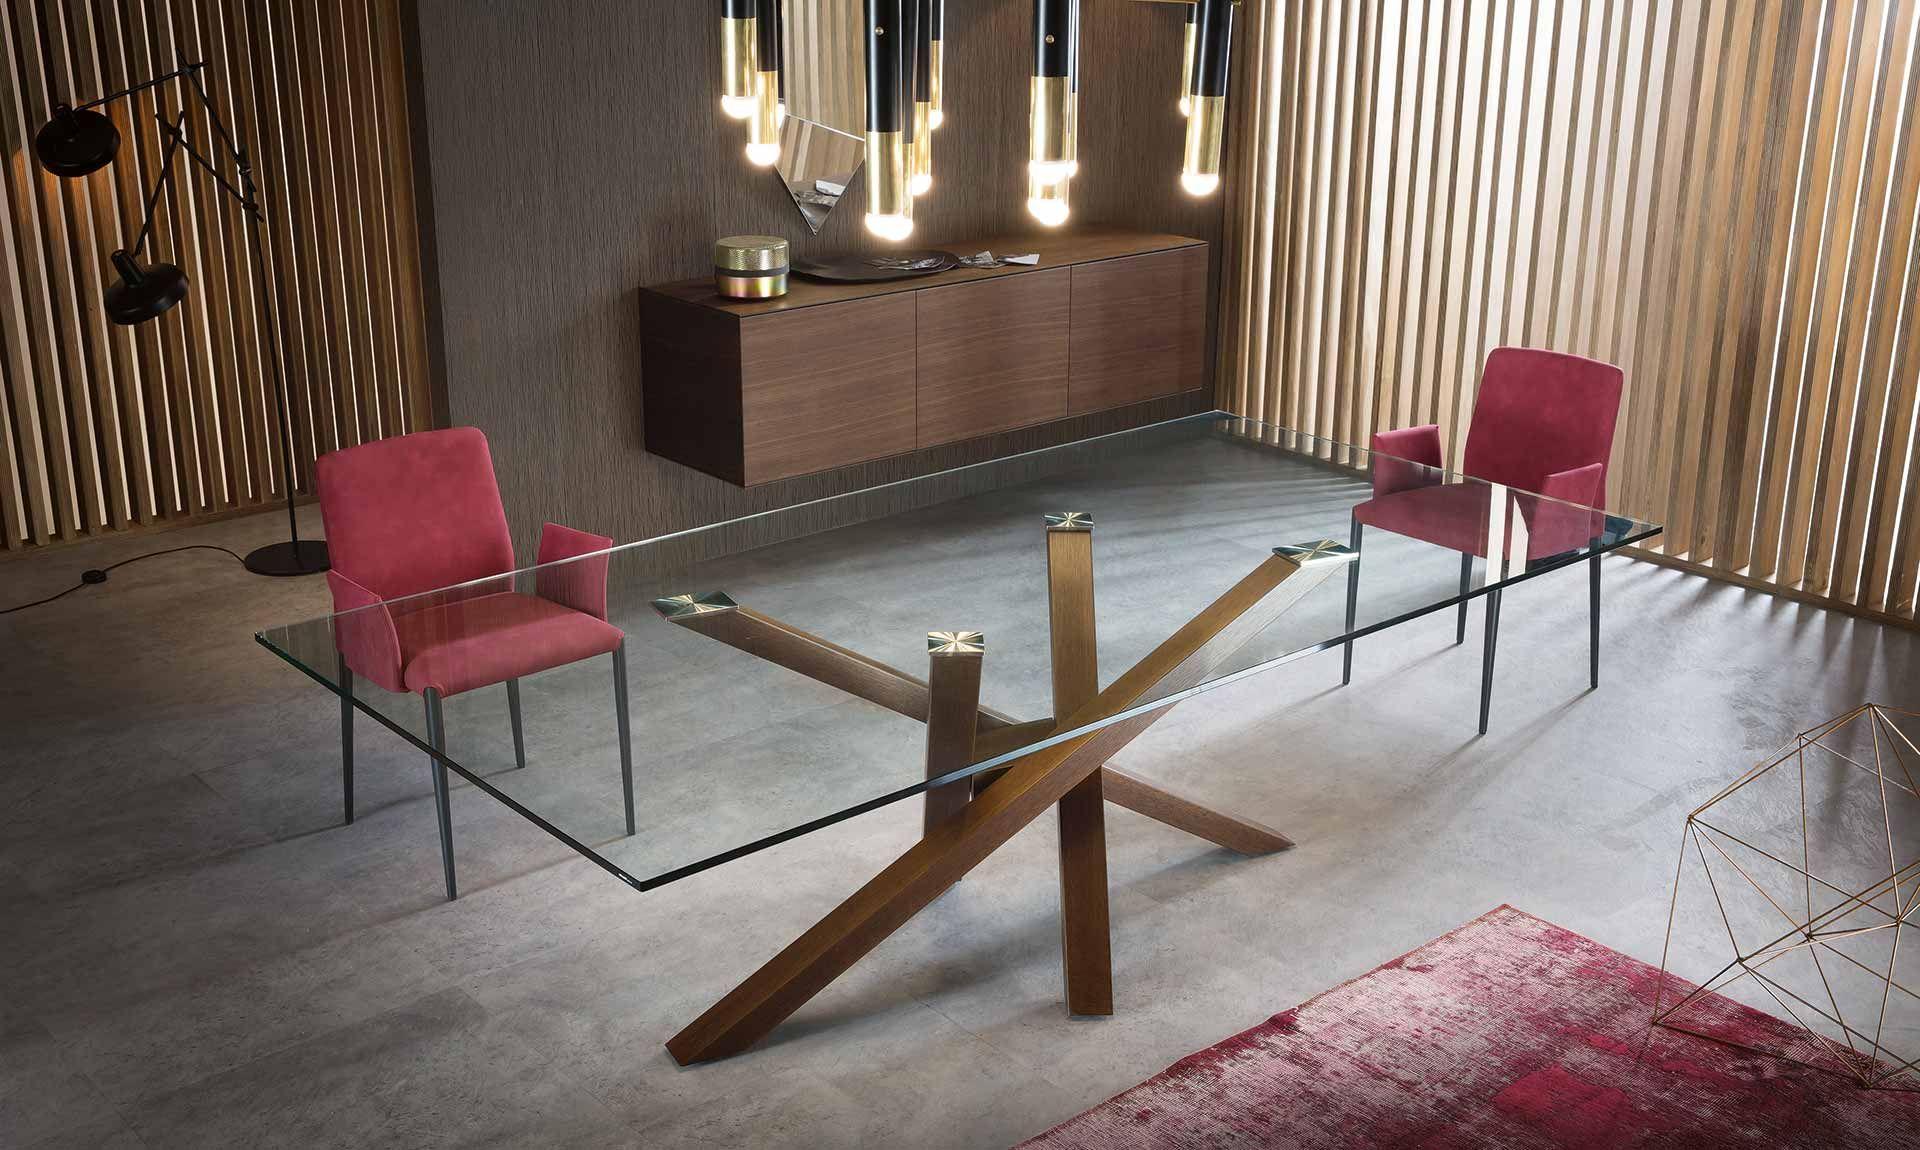 Basamenti Per Tavoli In Cristallo.Tavolo In Vetro Shangai Il Nuovo Tavolo Shangai E Realizzato In Un